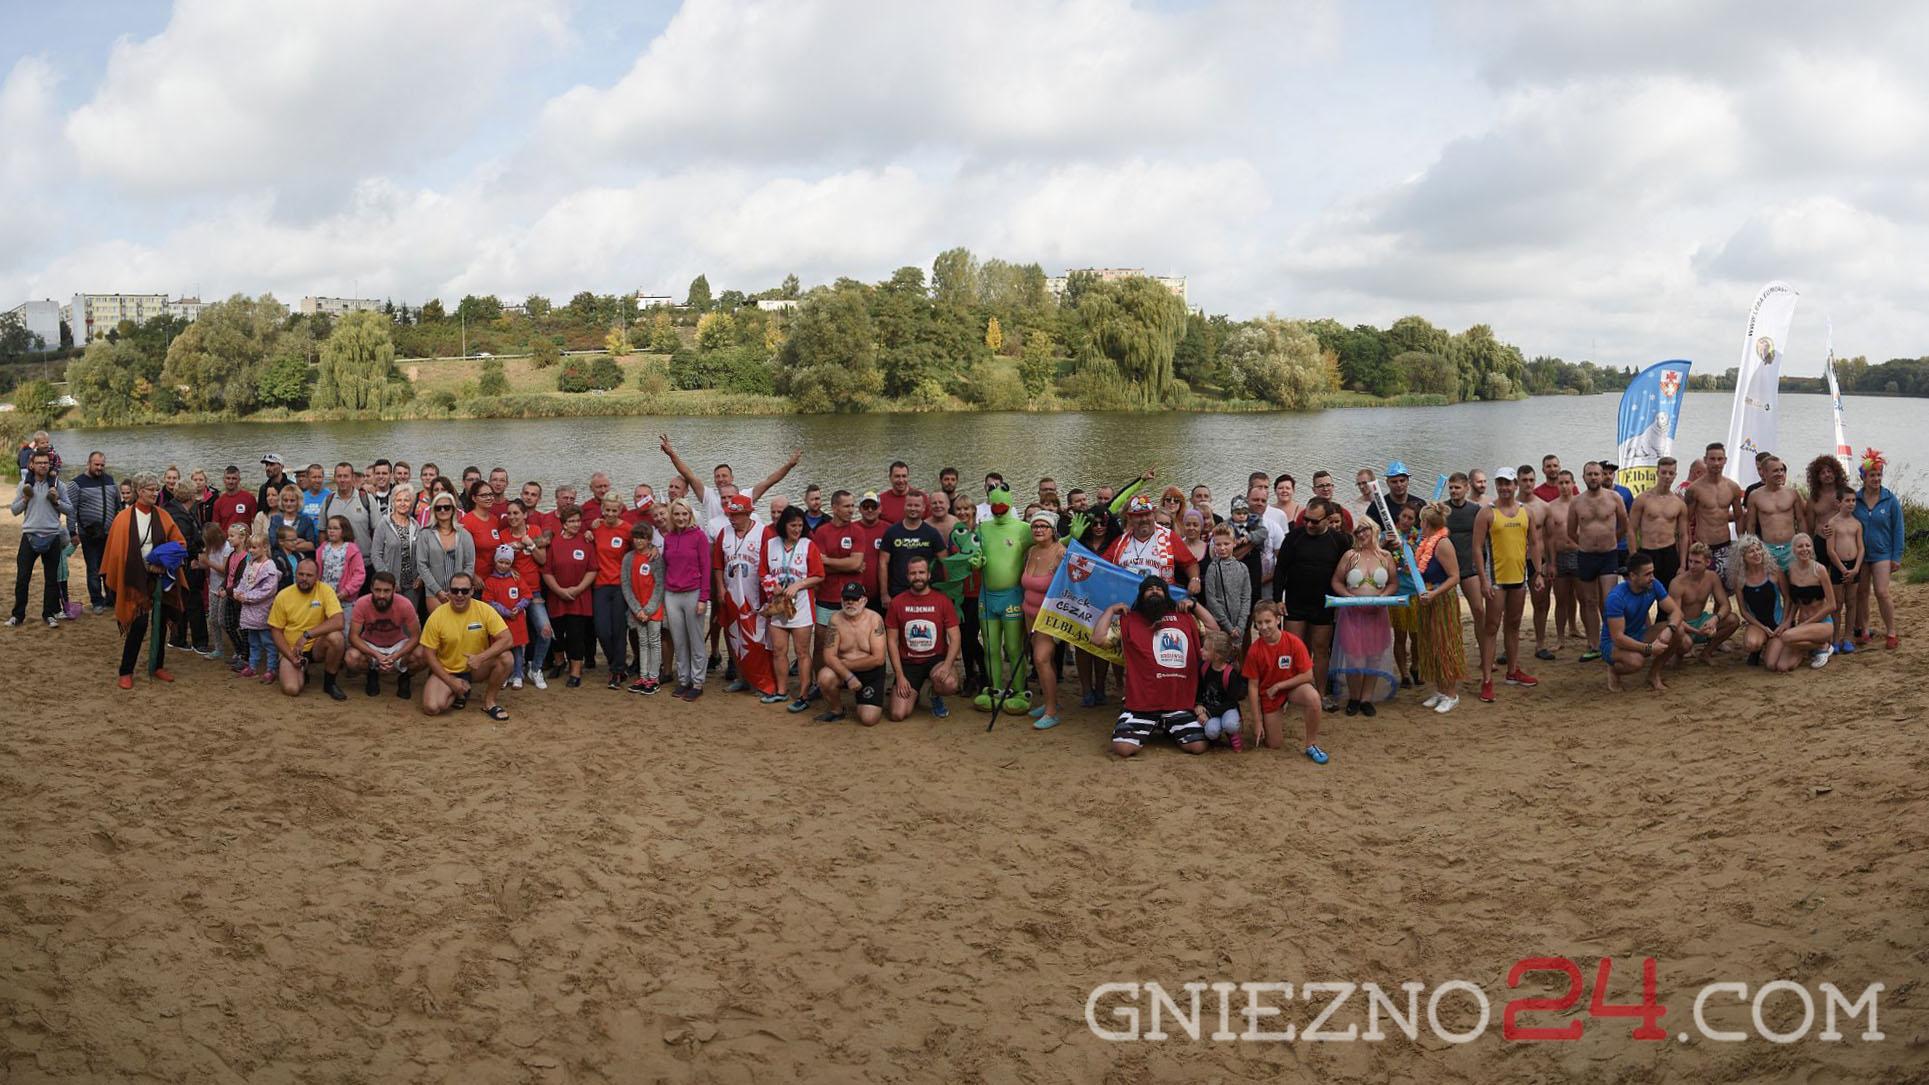 Jezioro Winiary - Morsy Gniezno